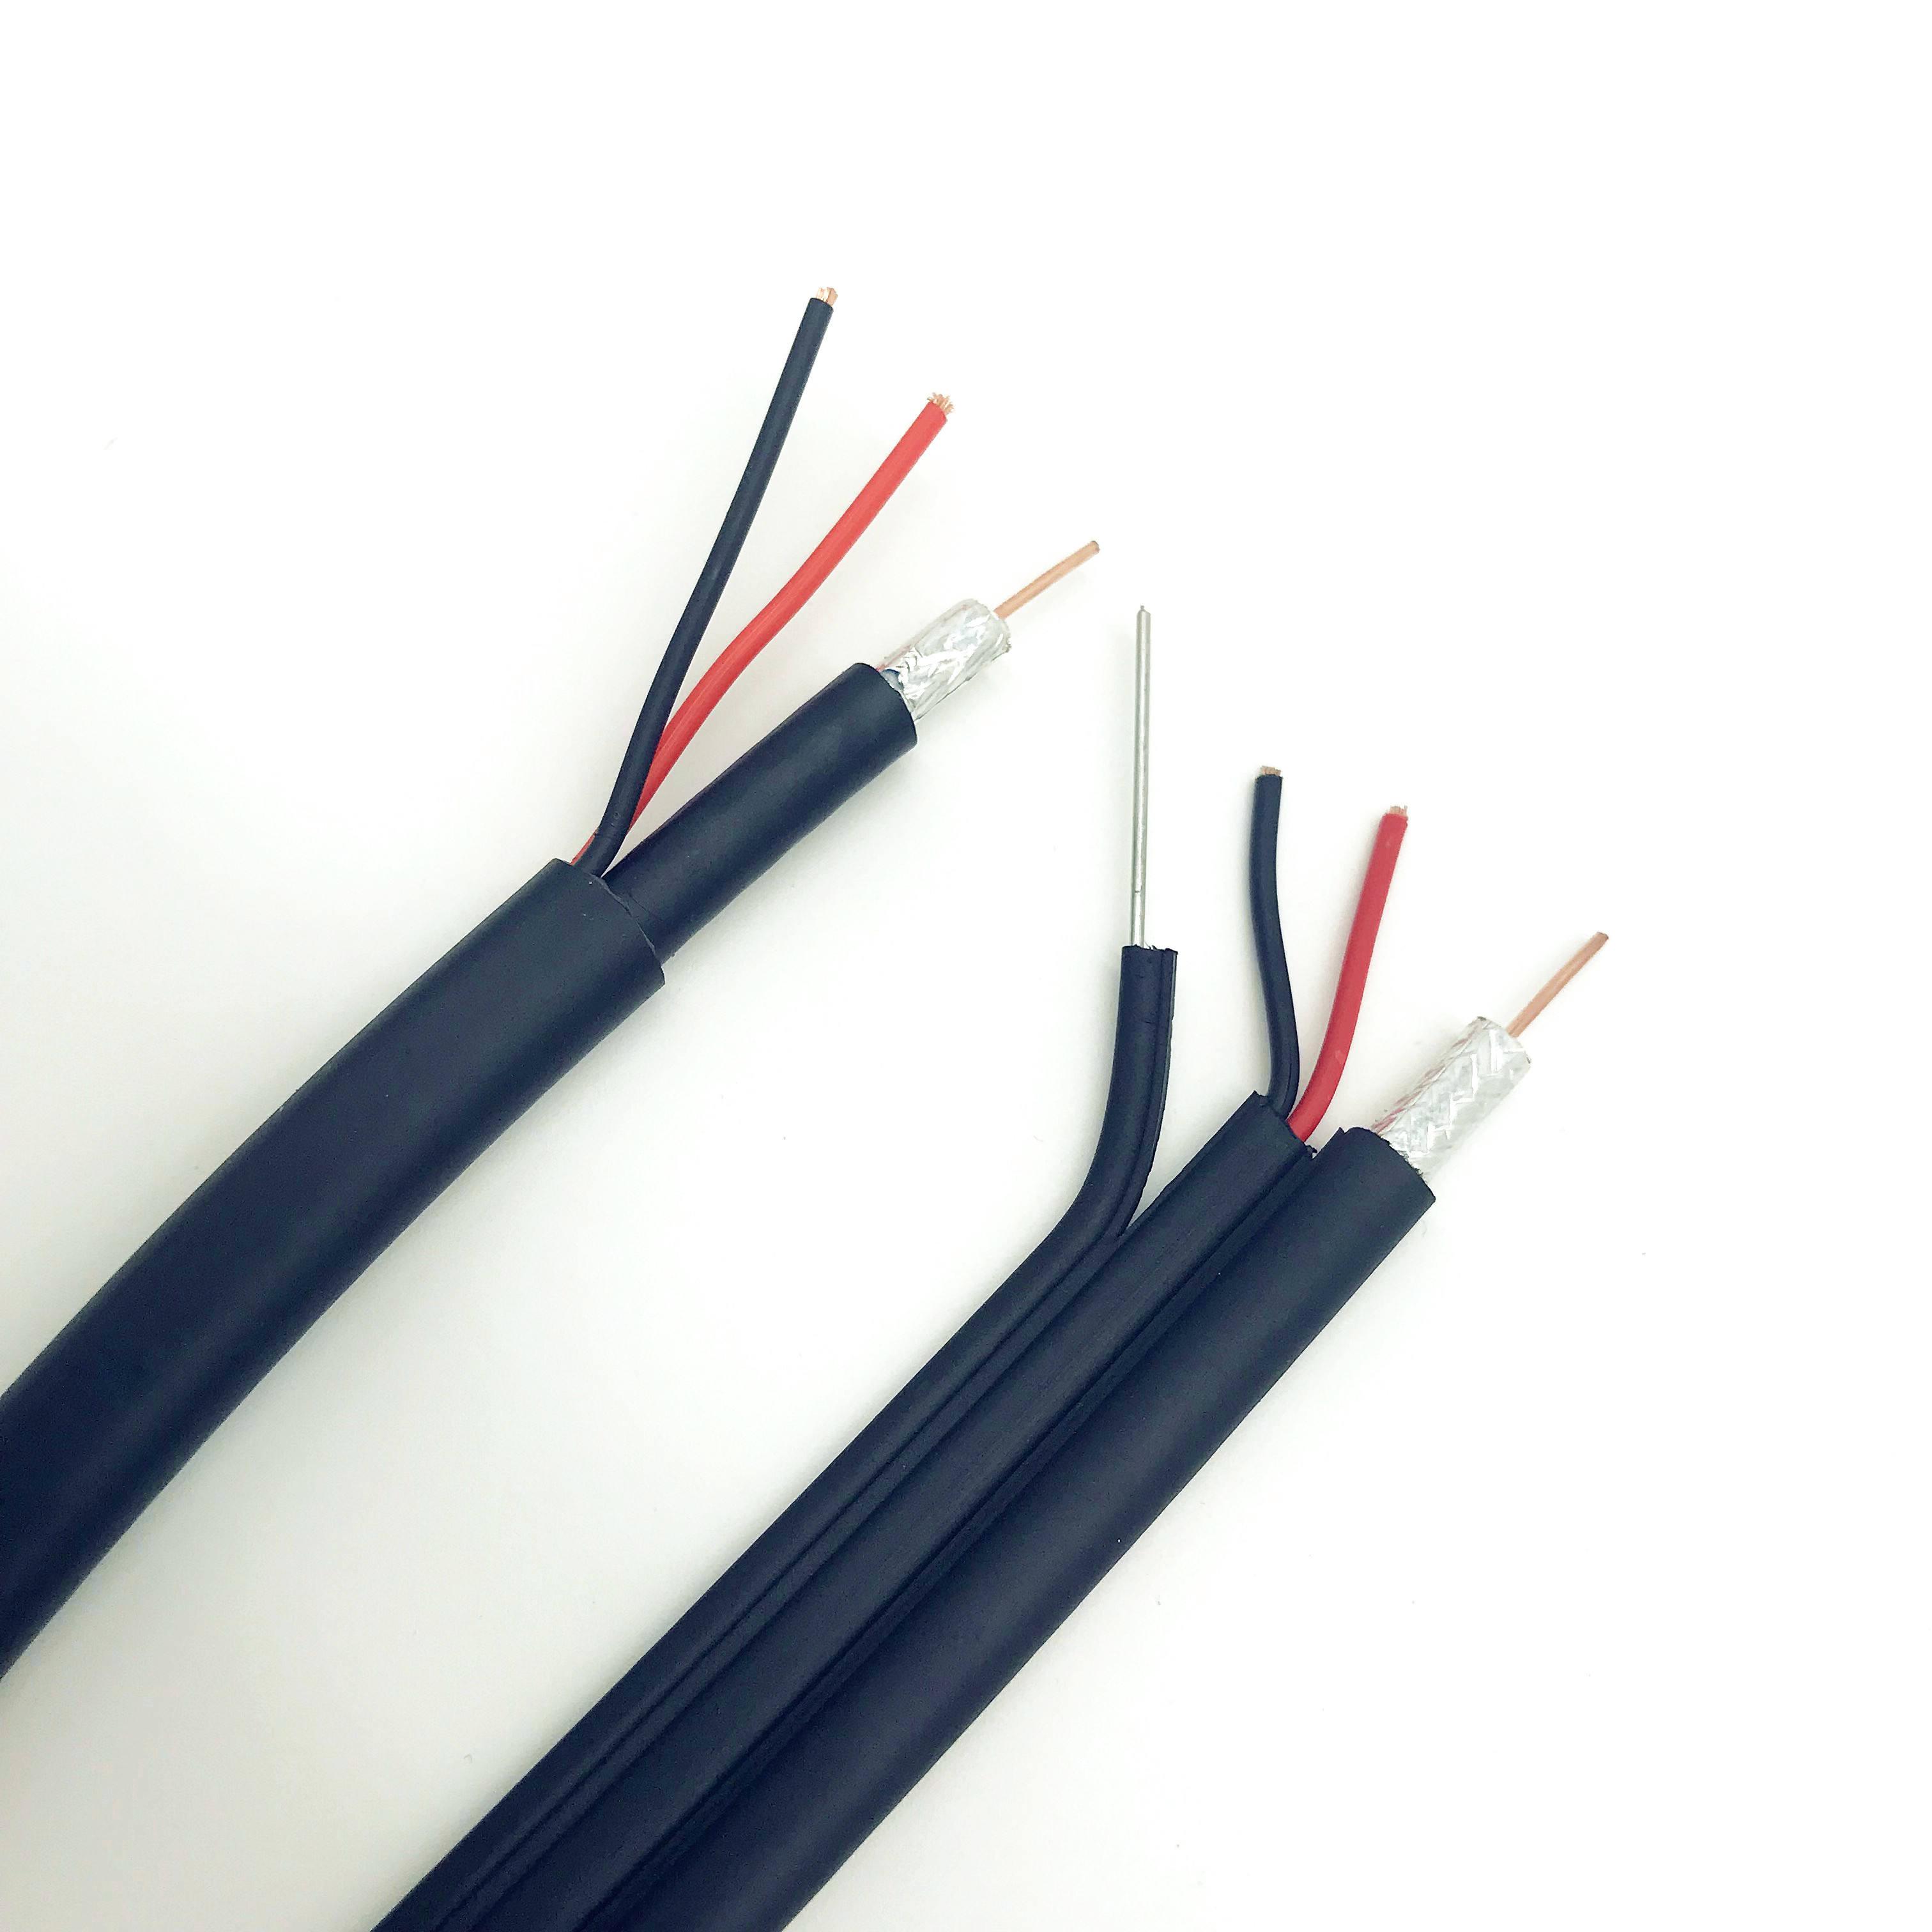 20m RG6 güç çelik 3 1 Cctv kablosu koaksiyel kablo kablosu kapalı devre kameralar kabloları Rg6